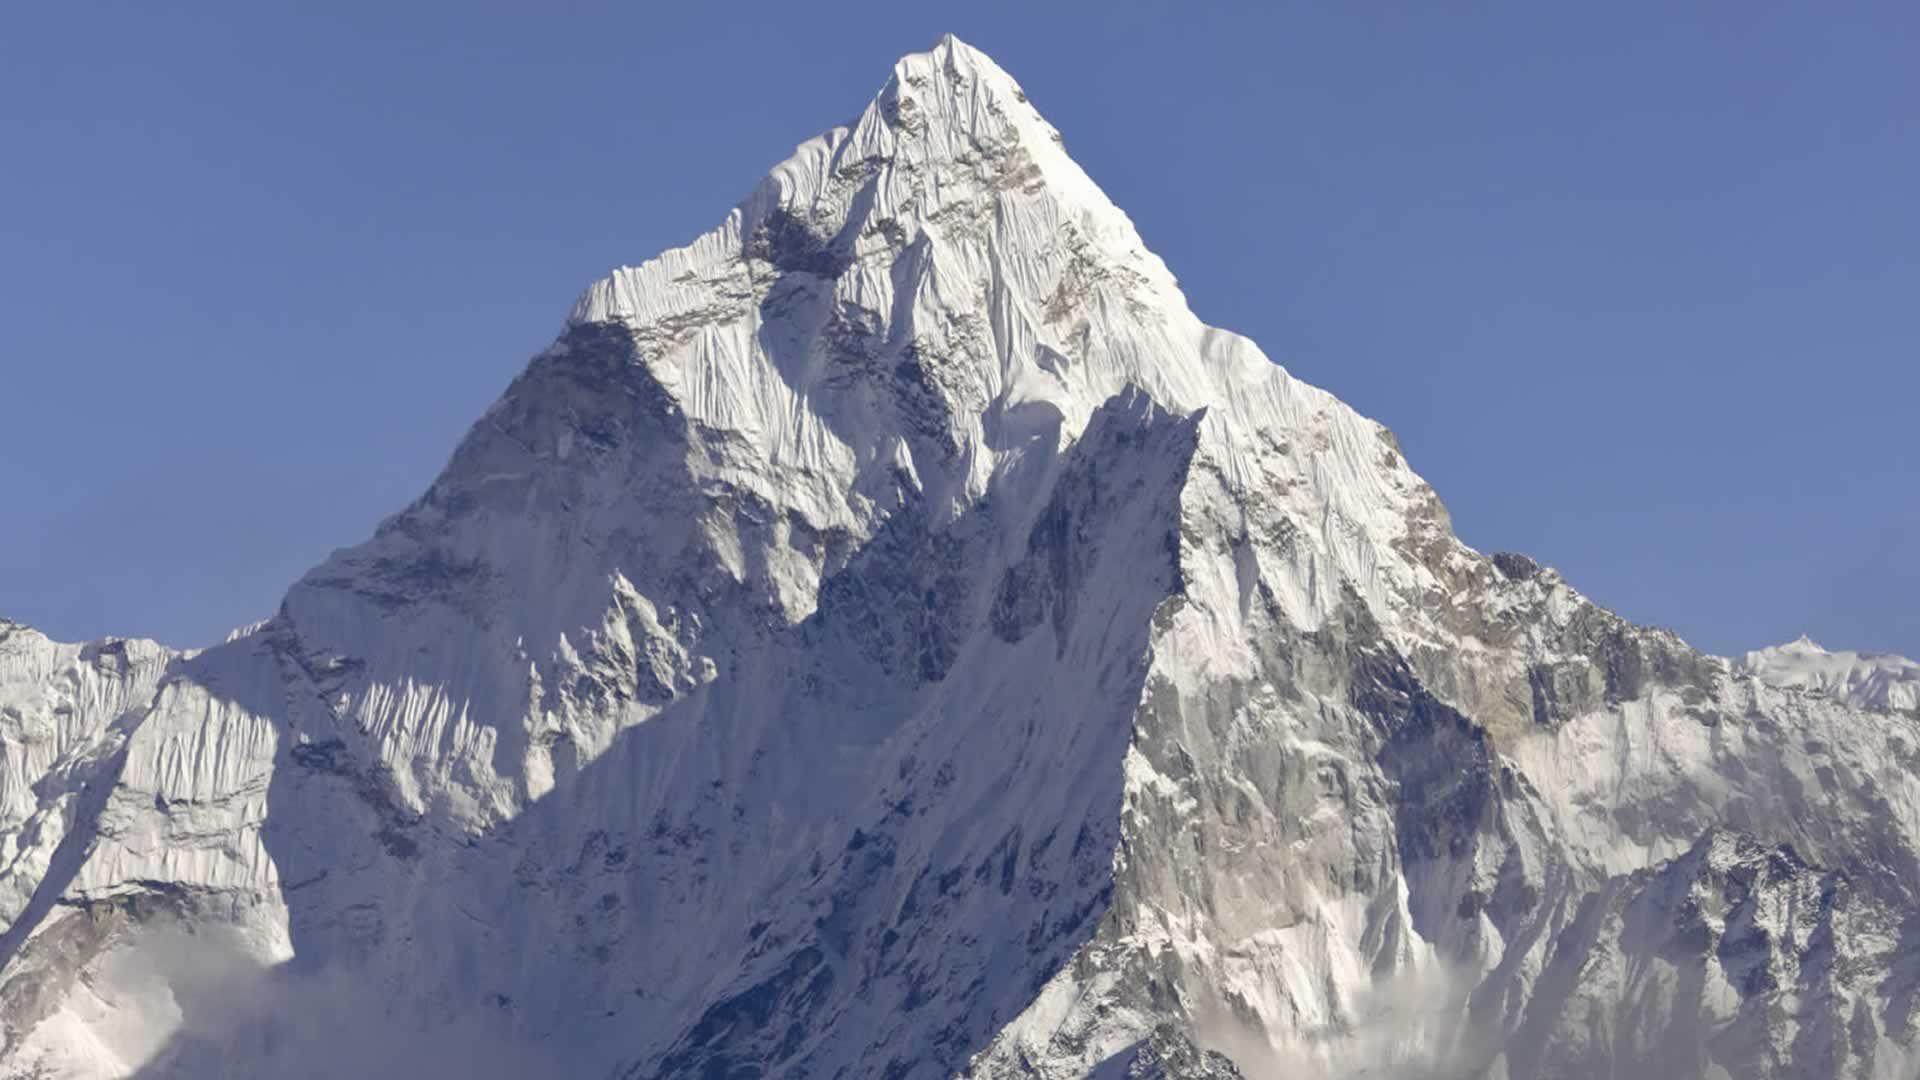 Venga va, una fácil. ¿Cuál es la montaña más alta del mundo?